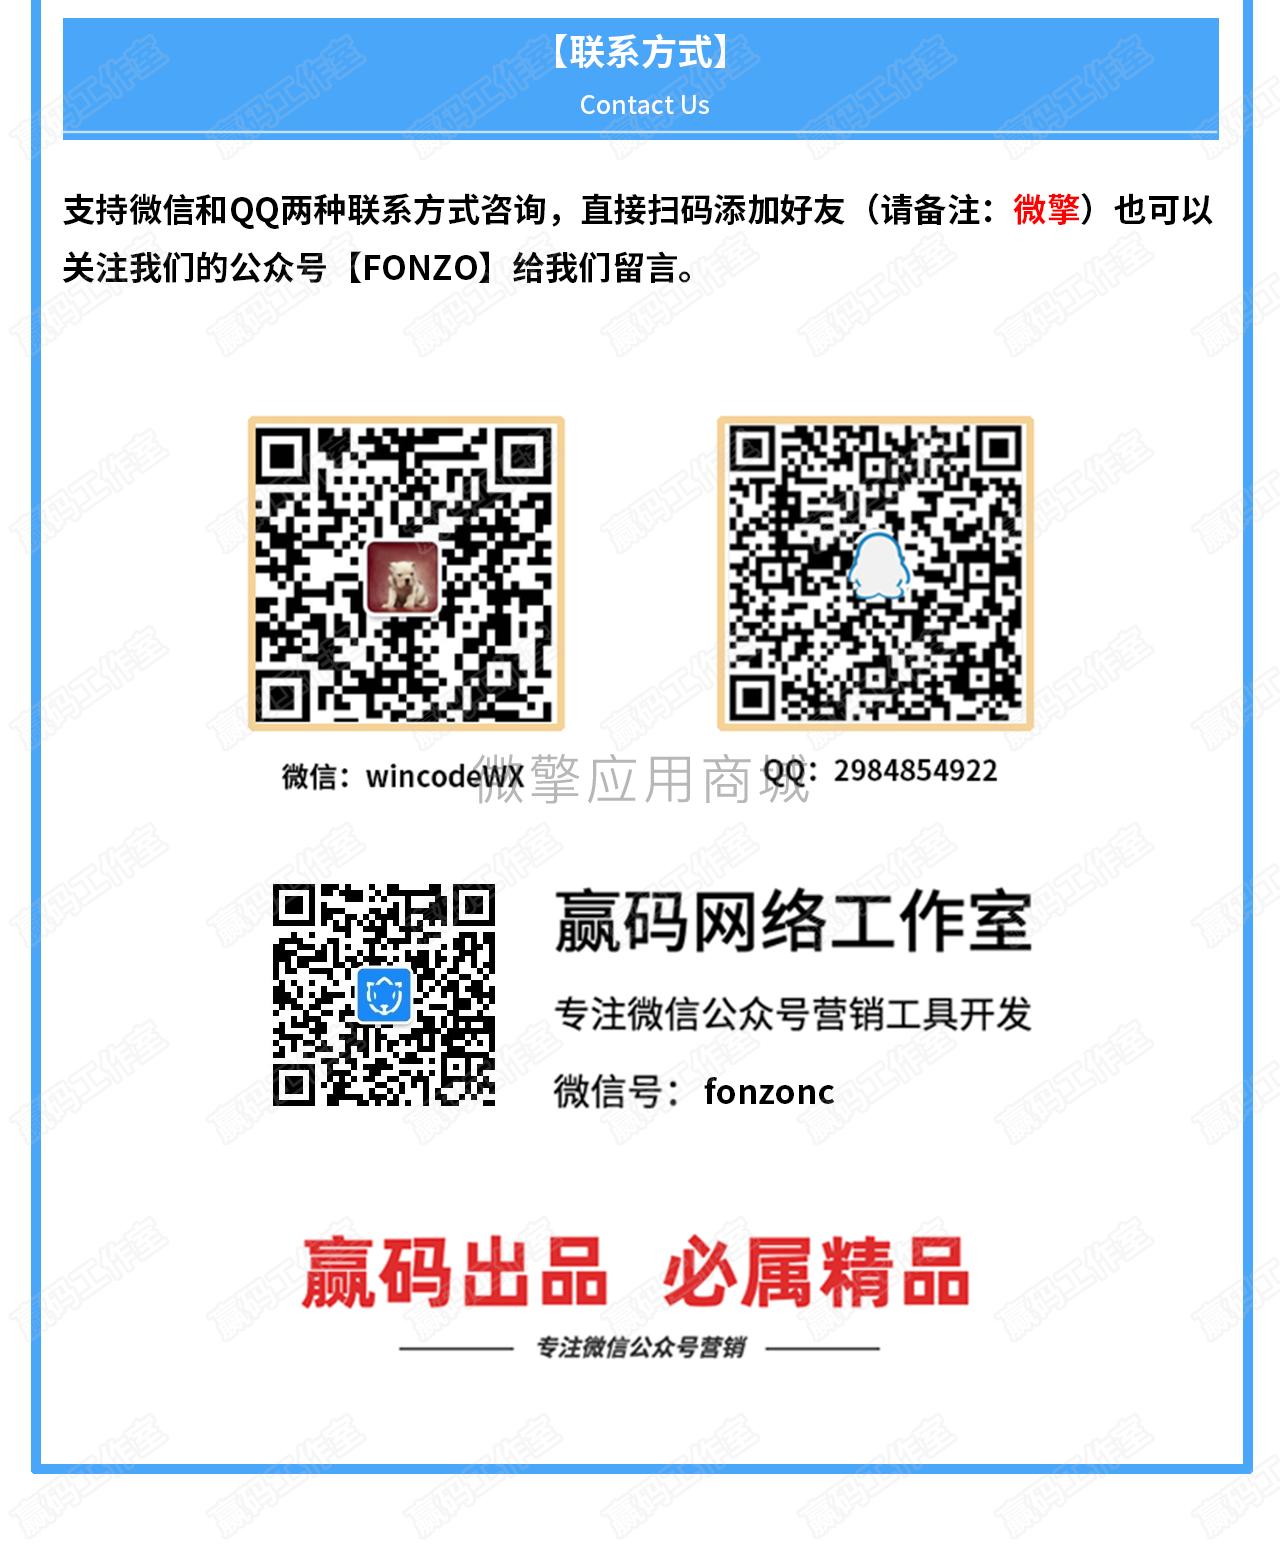 智能标签20201222-2_02.png